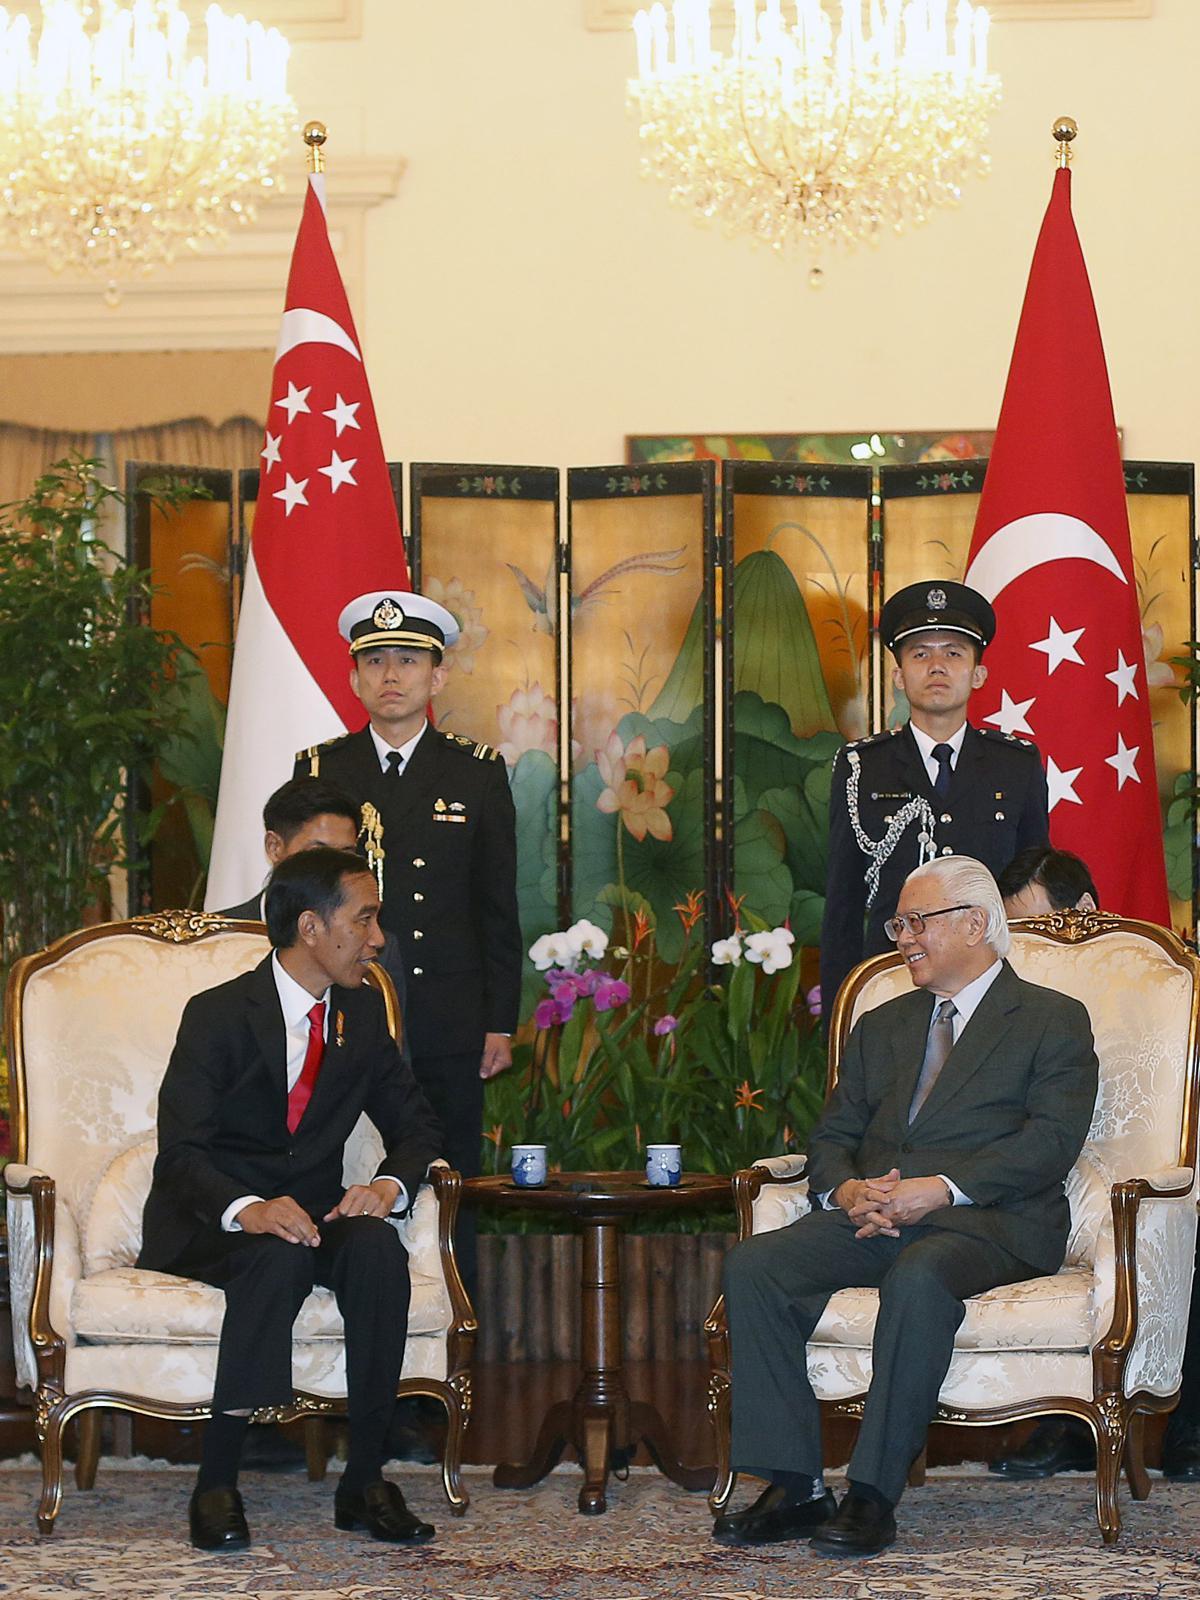 Presiden Jokowi (kiri), berbincang dengan presiden Singapura Tony Tan, dalam pertemuan di Istana Kepresidenan di Singapura, (28/7/2015). Jokowi ke Singapuran dalam rangka meningkatkan hubungan bilateral. (REUTERS/Edgar Su)